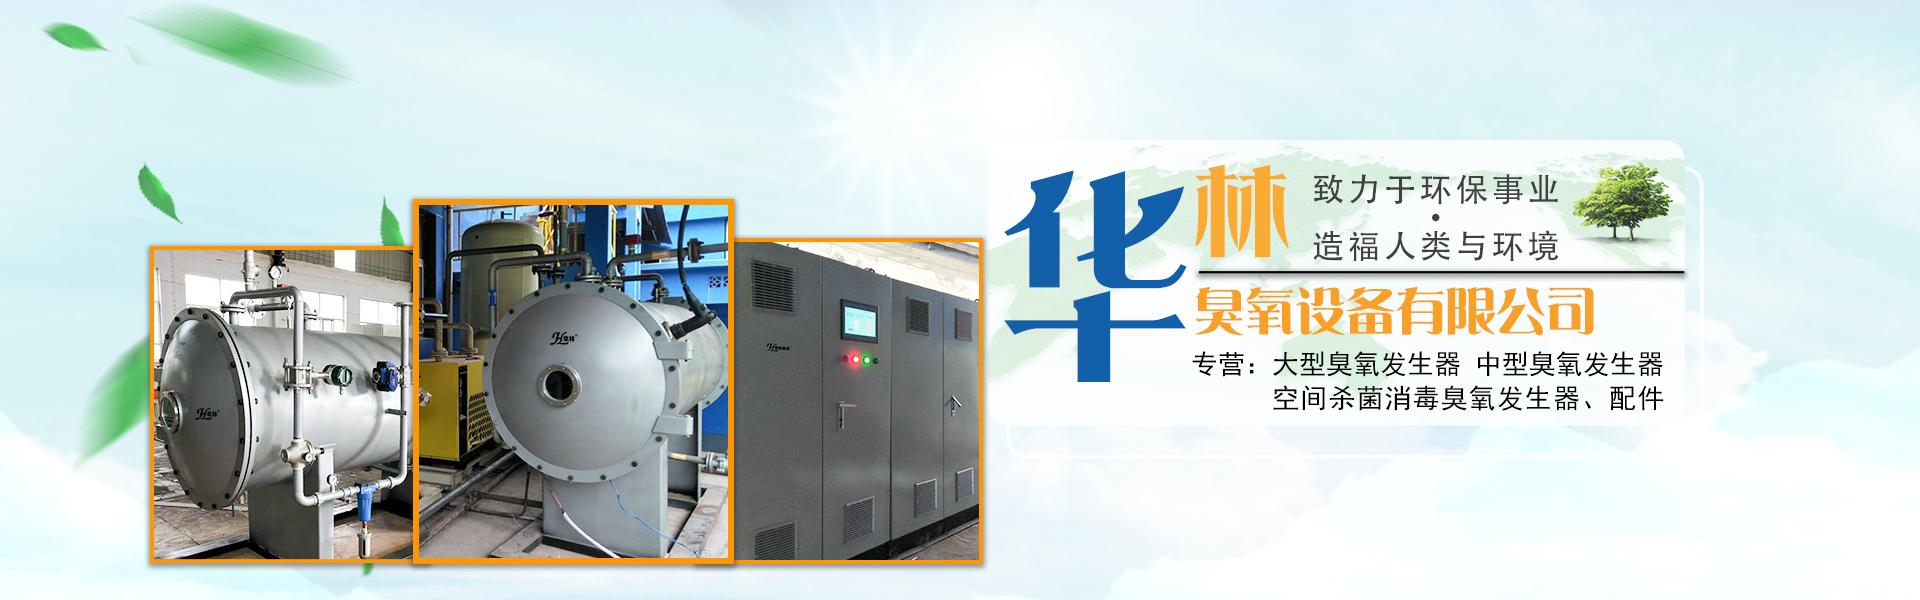 山东华林臭氧设备三分PK拾平台